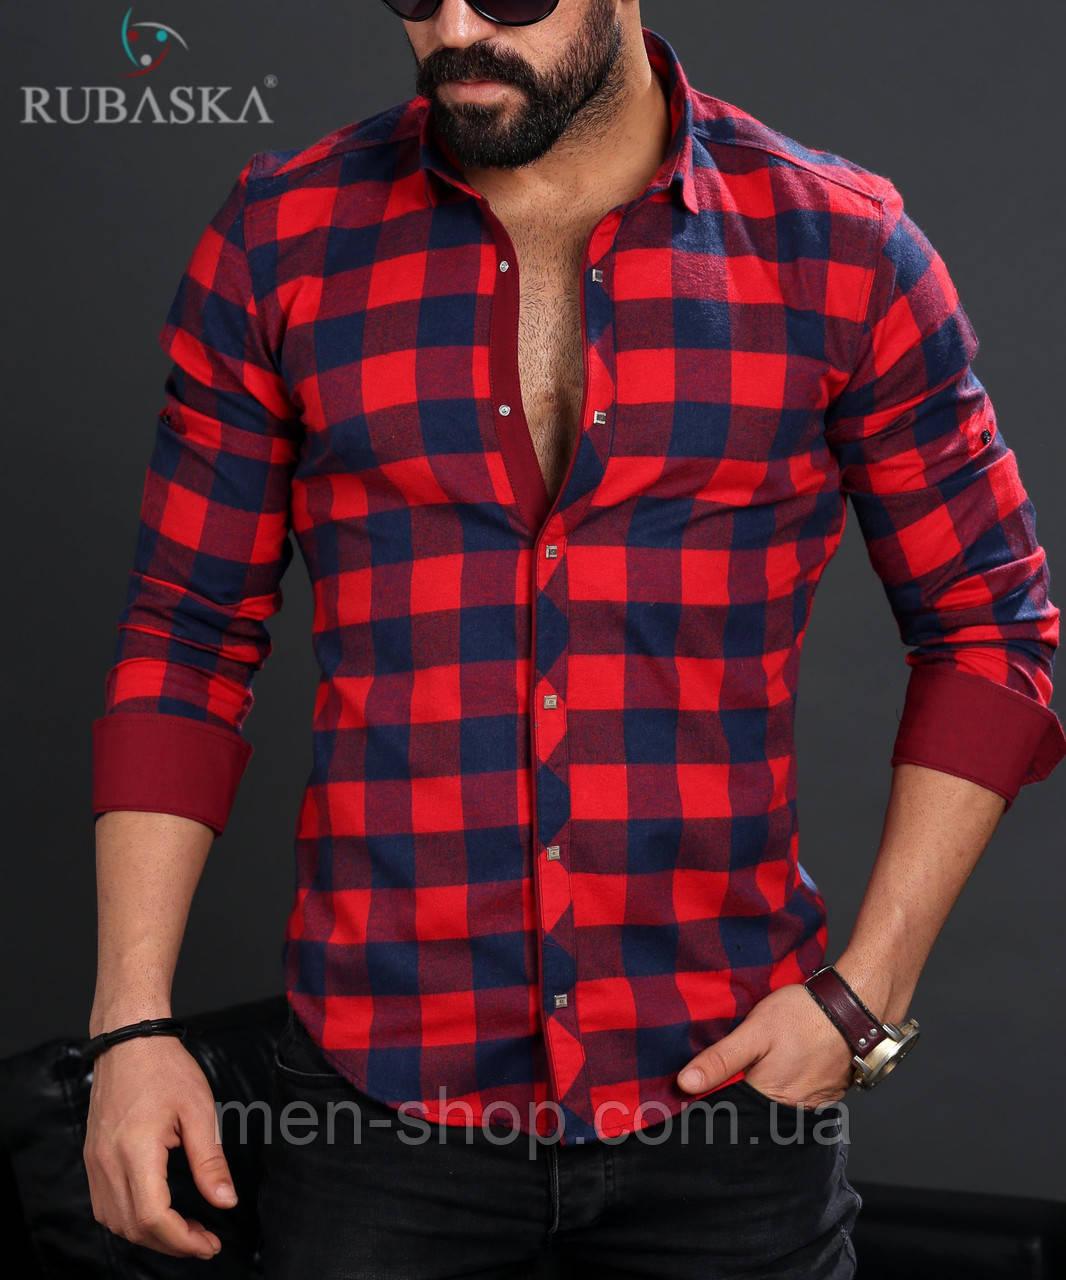 Мужская рубашка ярко-красного цвета в клетку